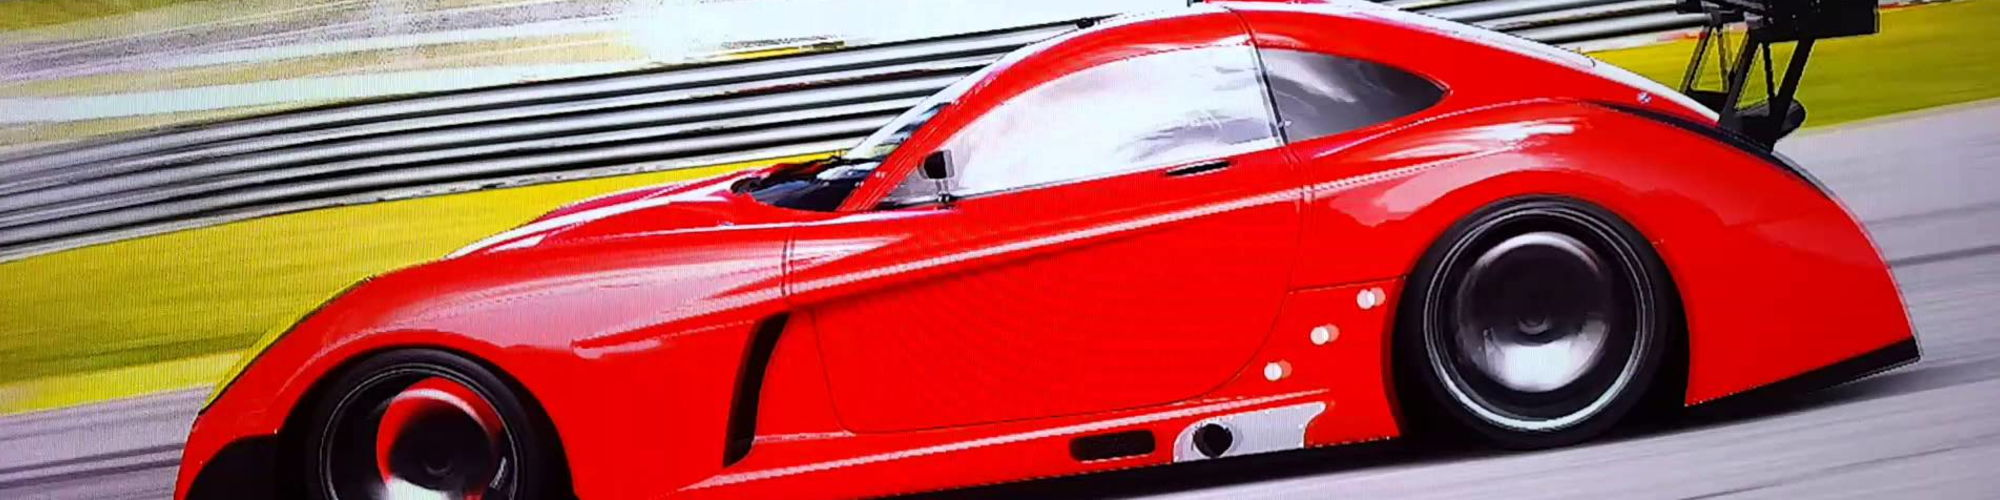 Abruzzi Racing Transmissions